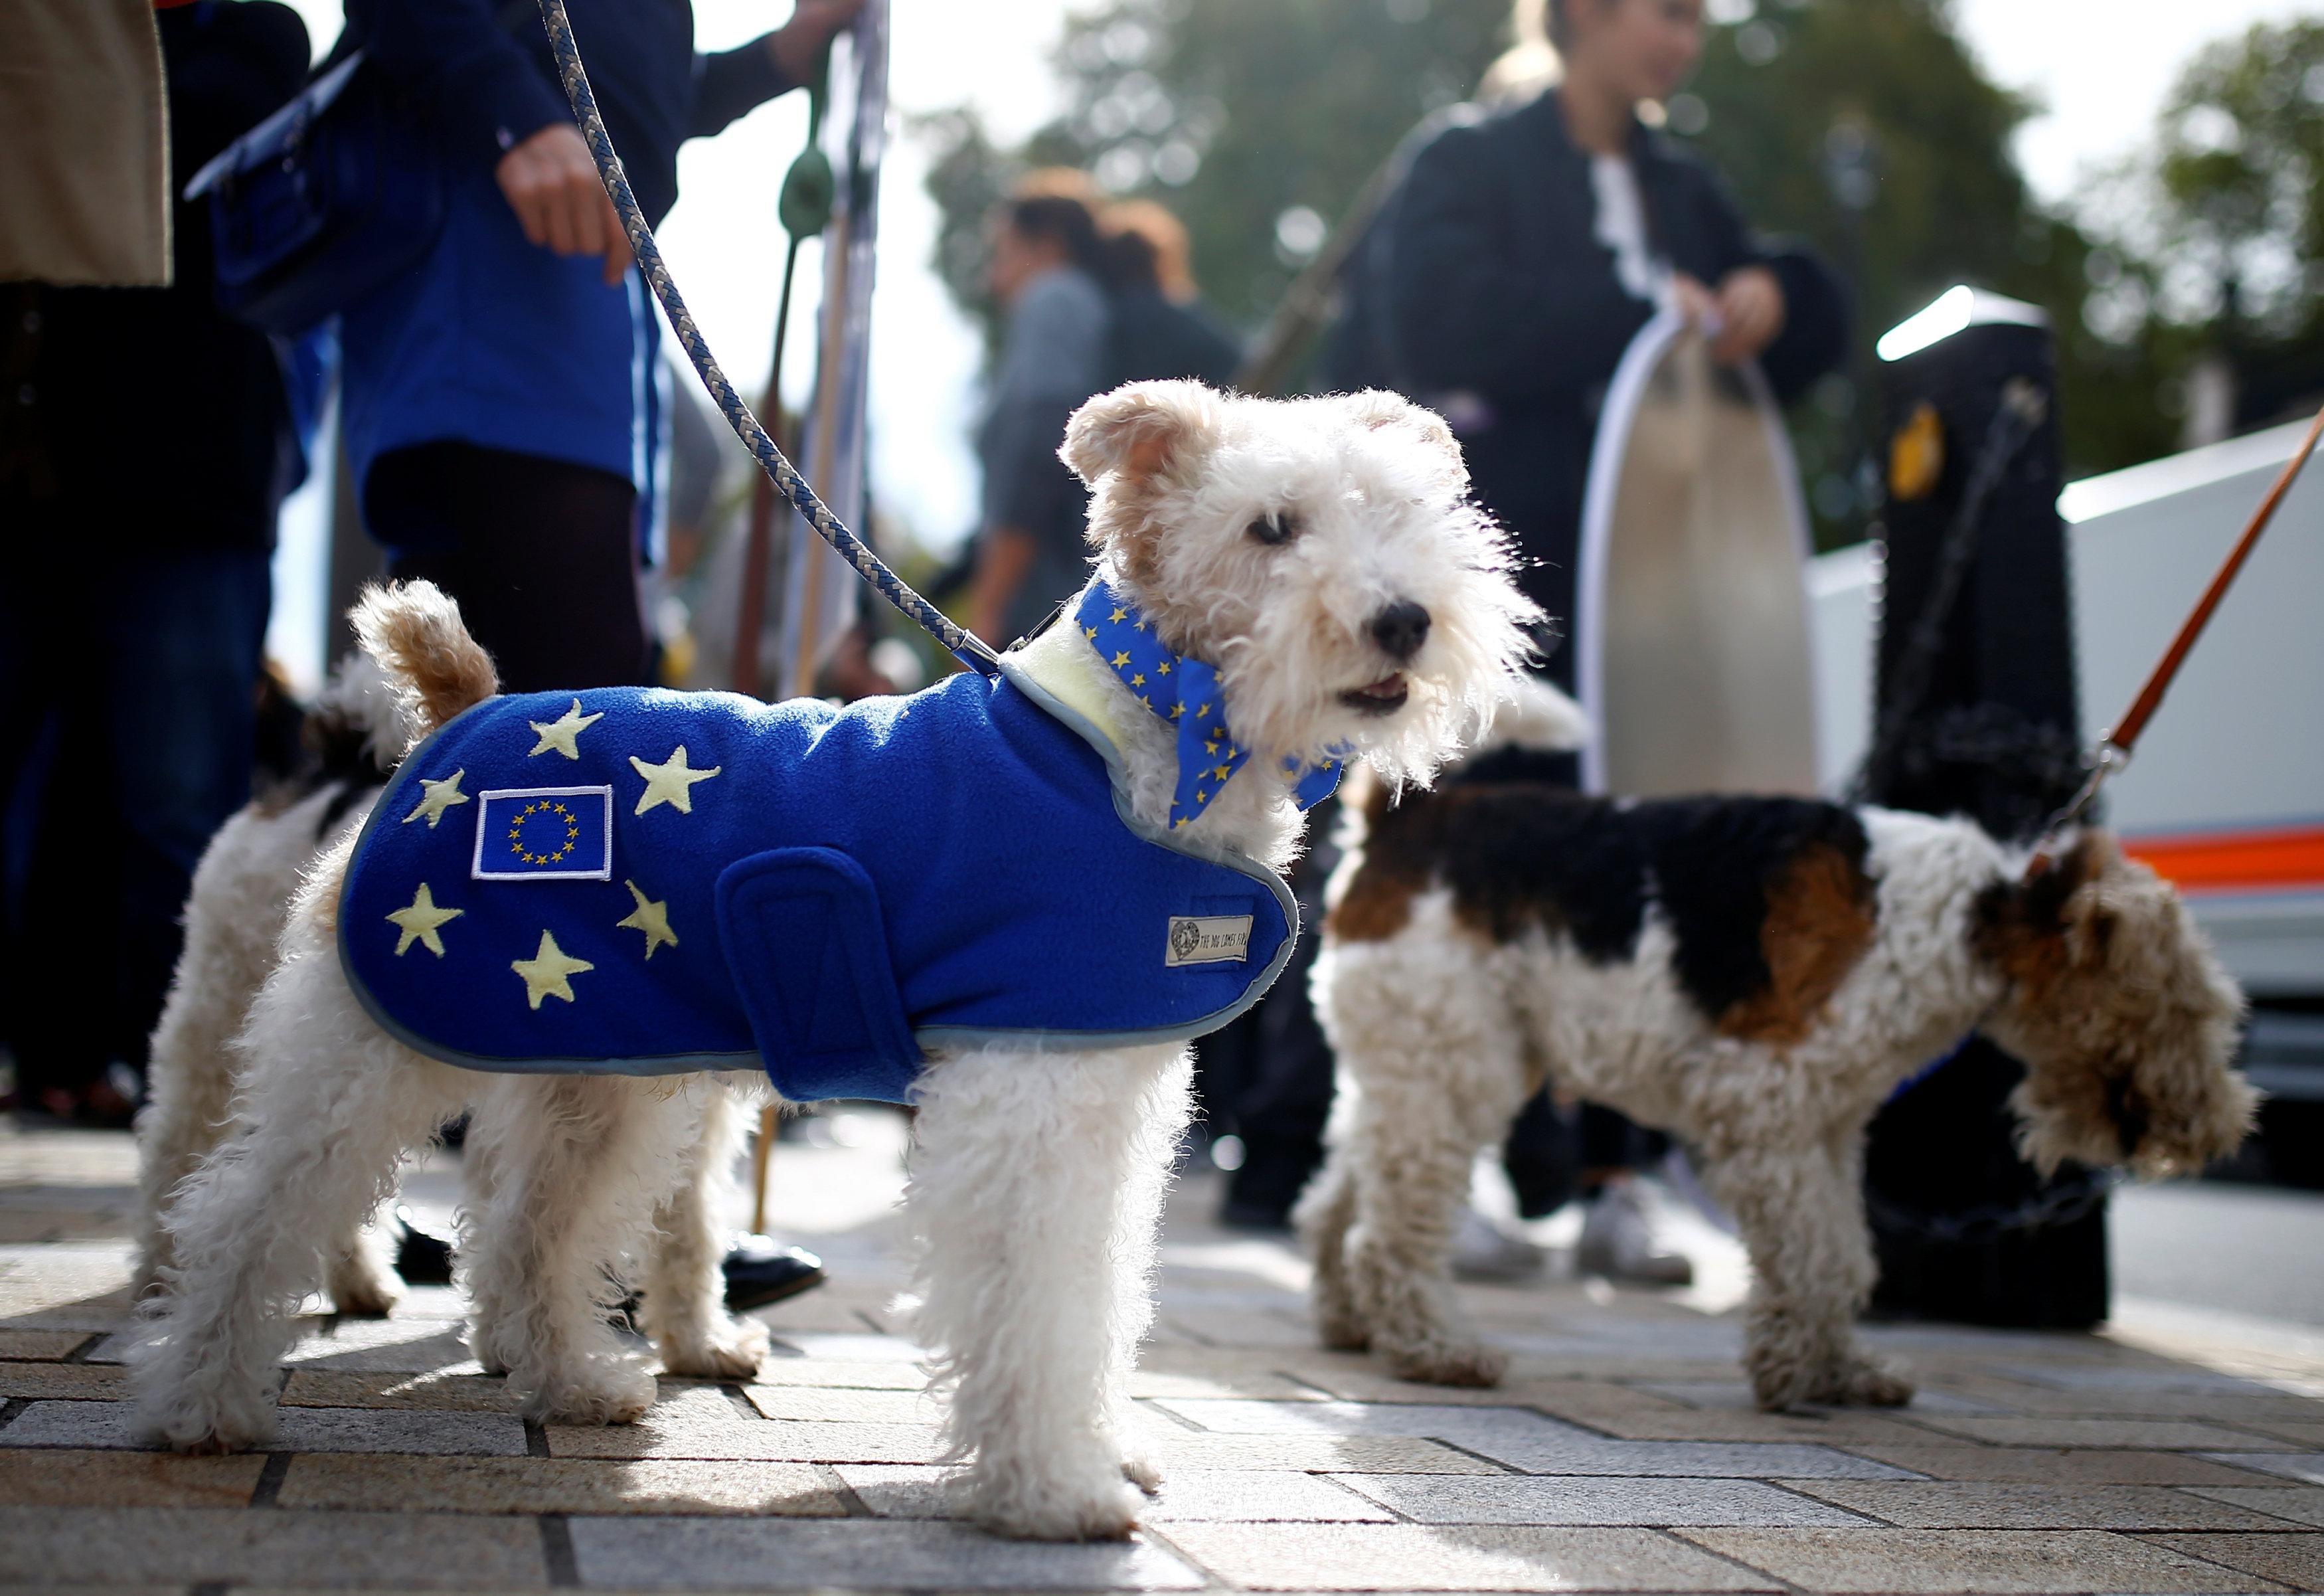 مظاهرة لأصحاب الكلاب فى لندن للمطالبة بالبقاء فى الاتحاد الأوروبى